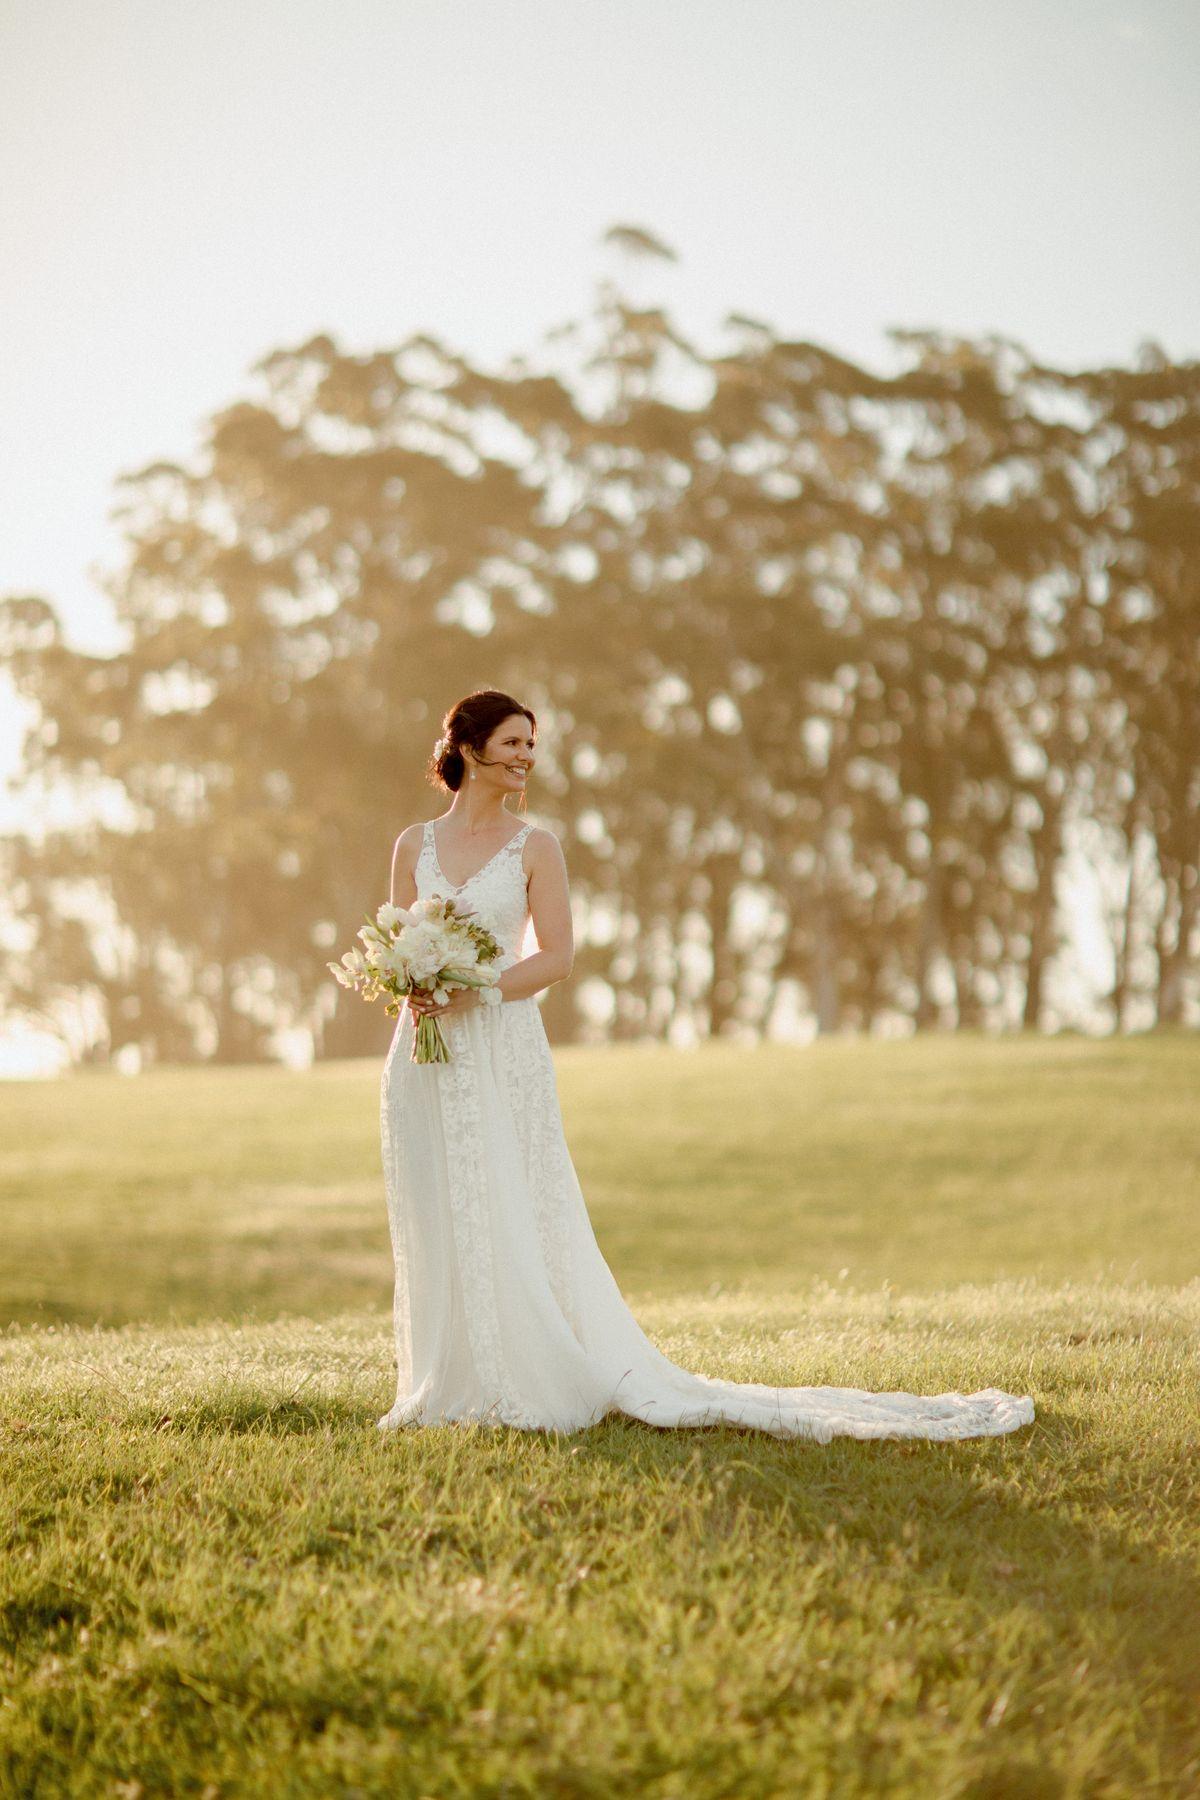 sydney bridal makeup & hair